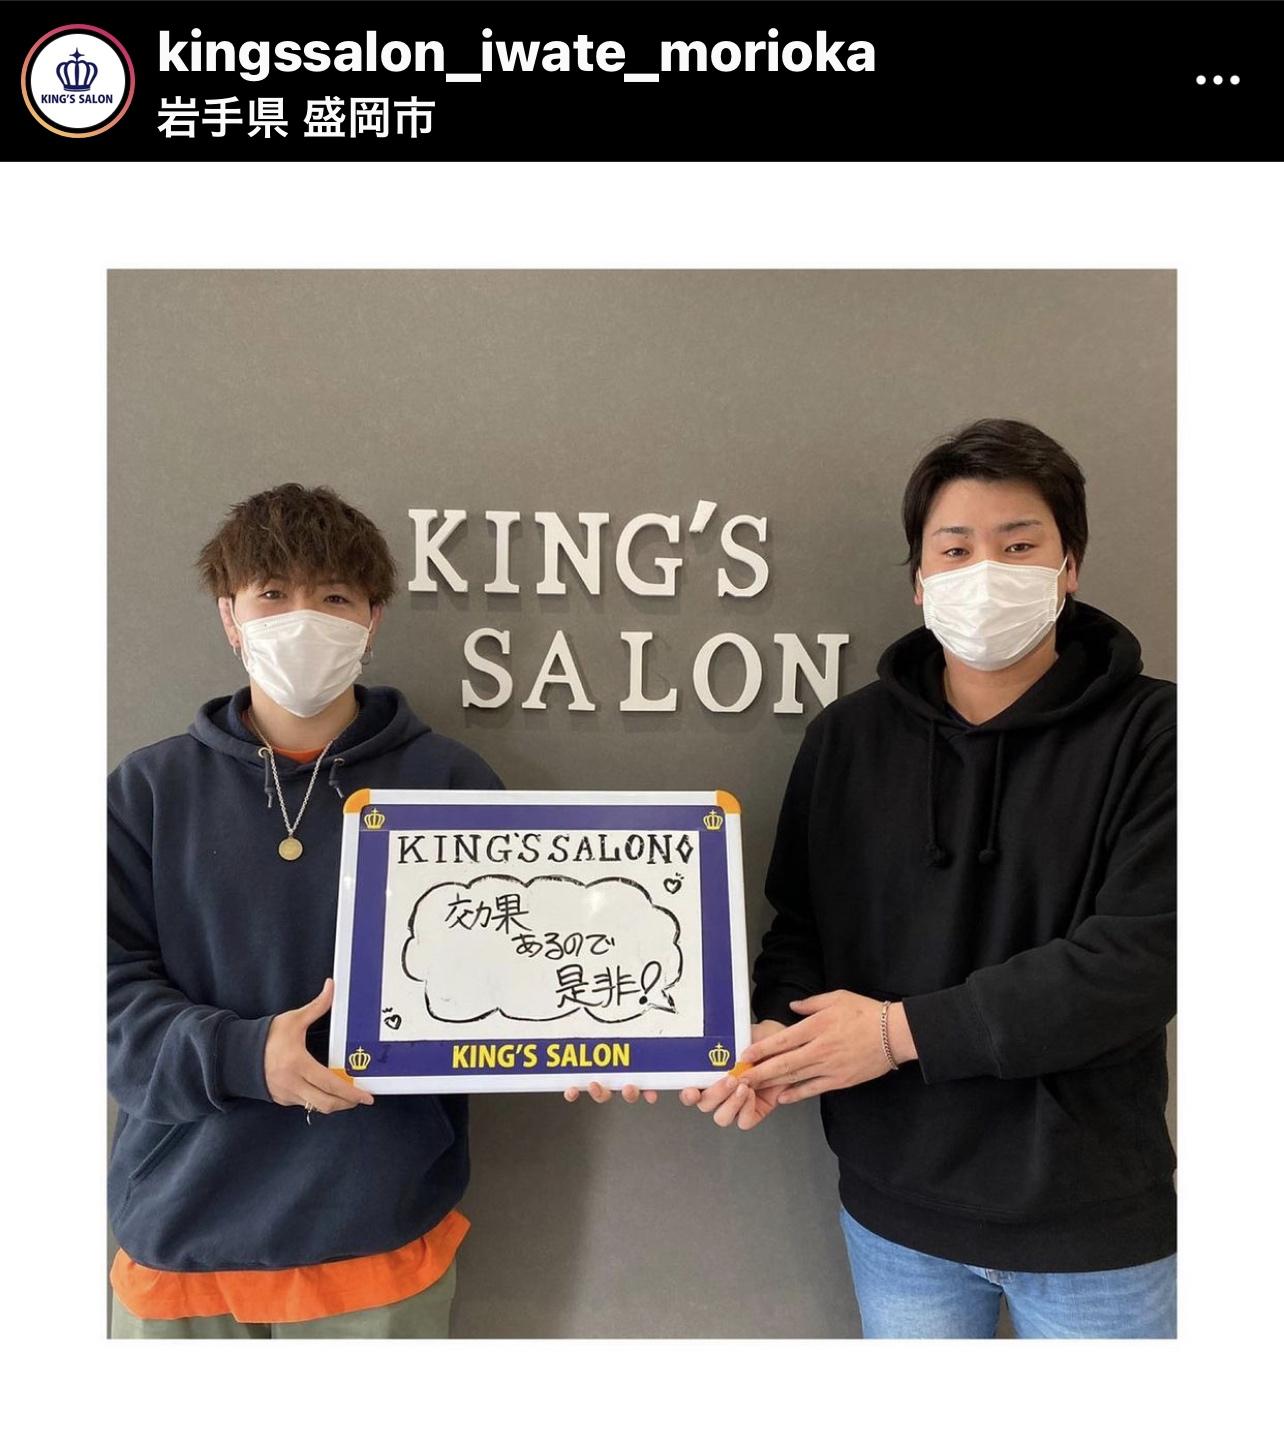 お客様の声 キングスサロン岩手盛岡店のサムネイル画像